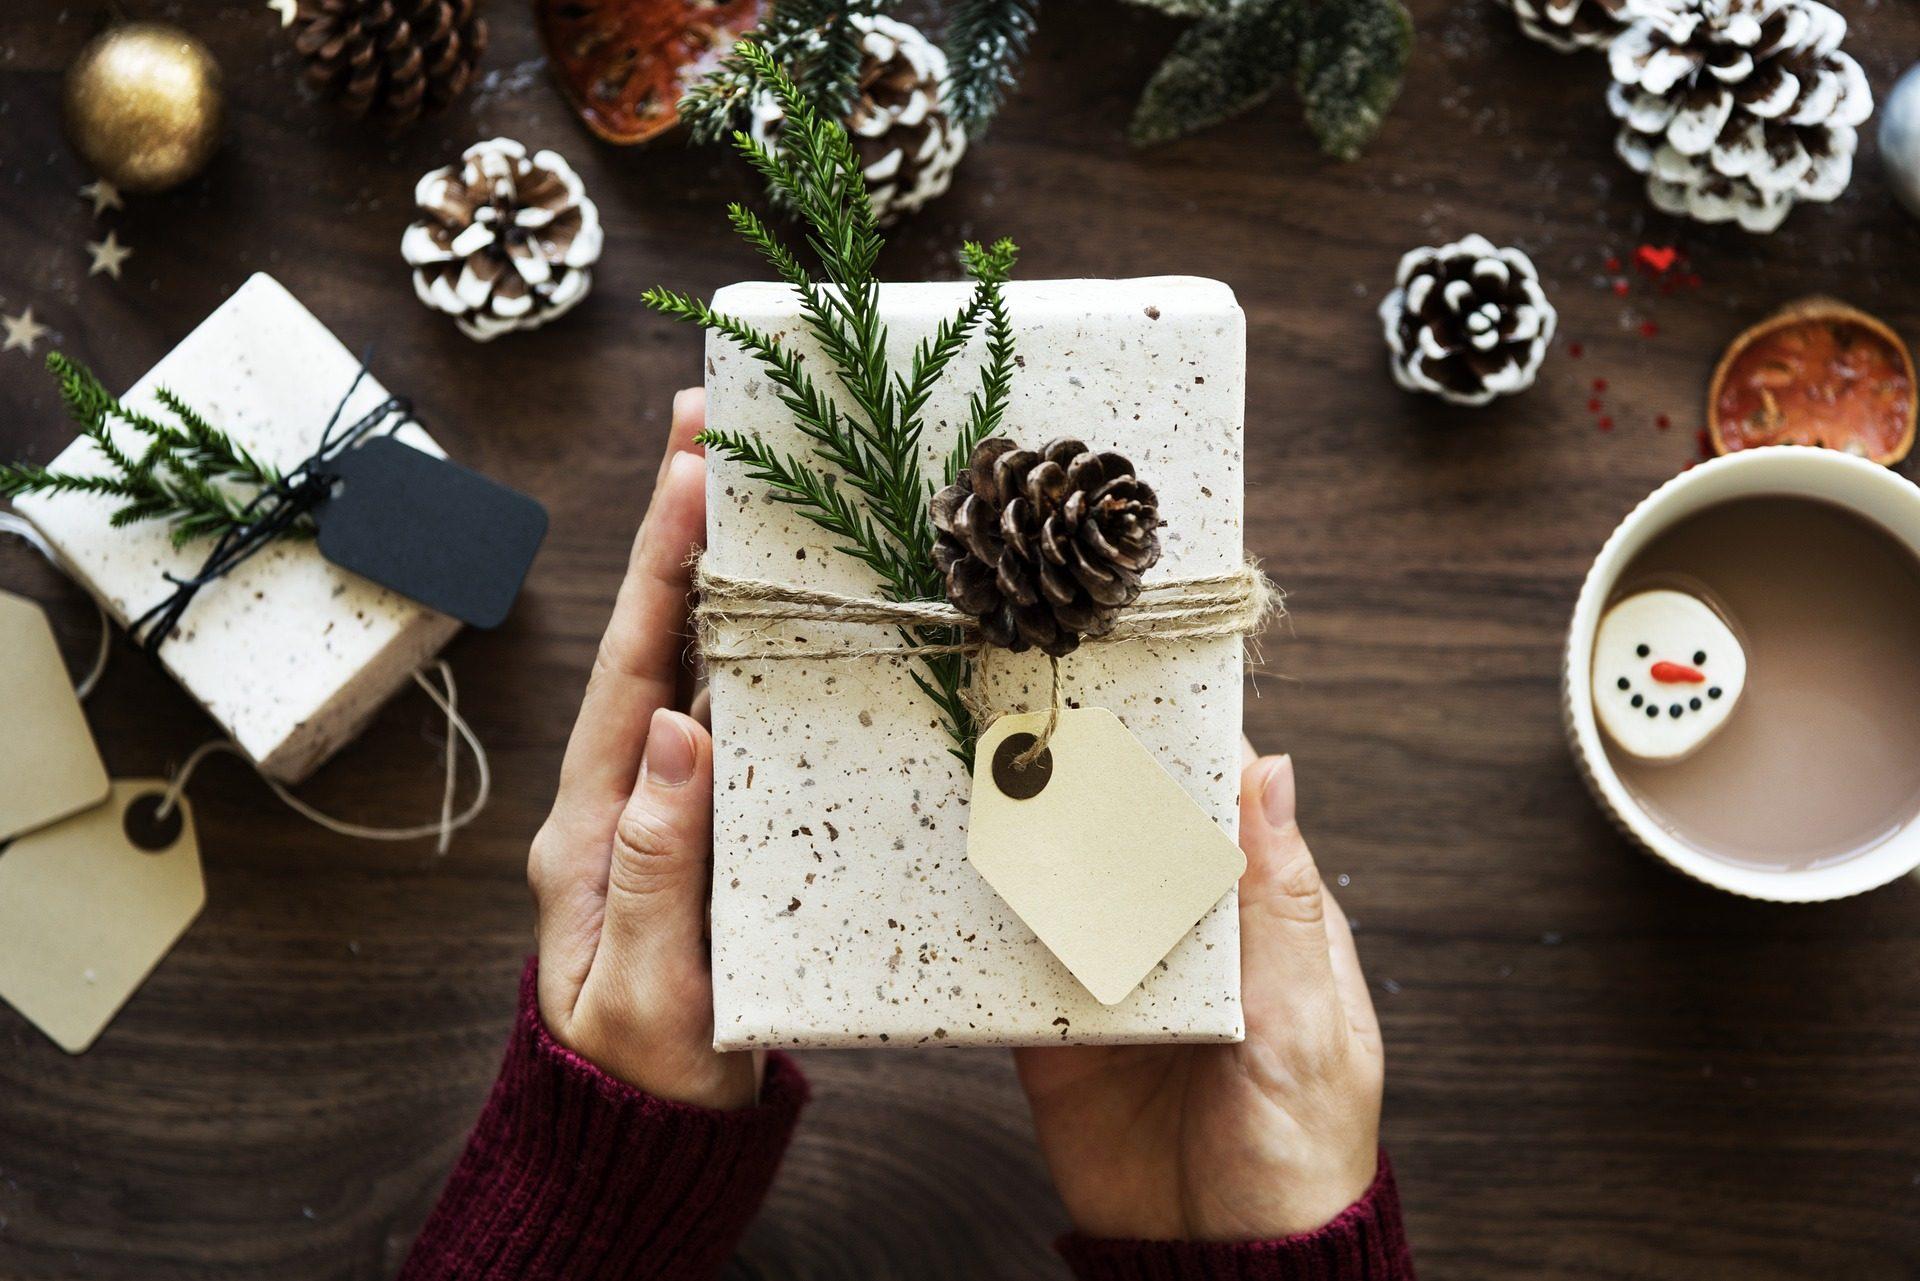 Regali di Natale 2019: la lista completa delle idee regalo per Natale